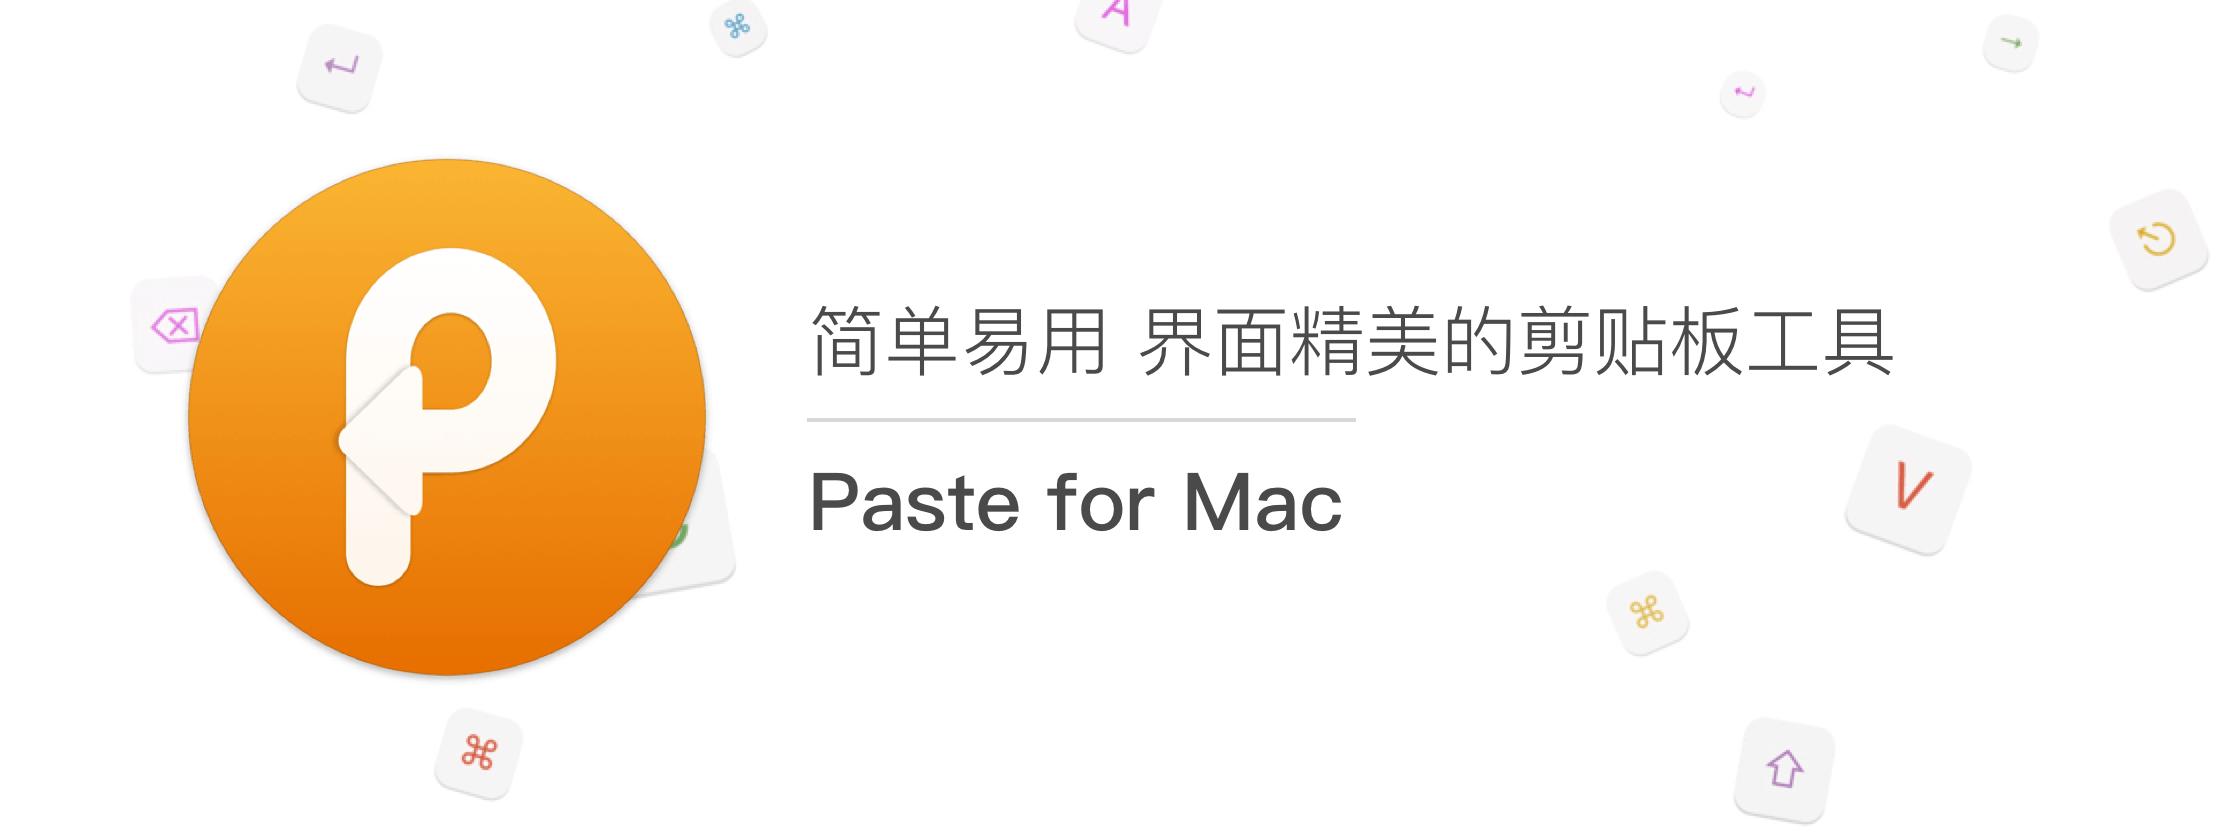 Paste for Mac,简单易用、界面精美的剪贴板工具